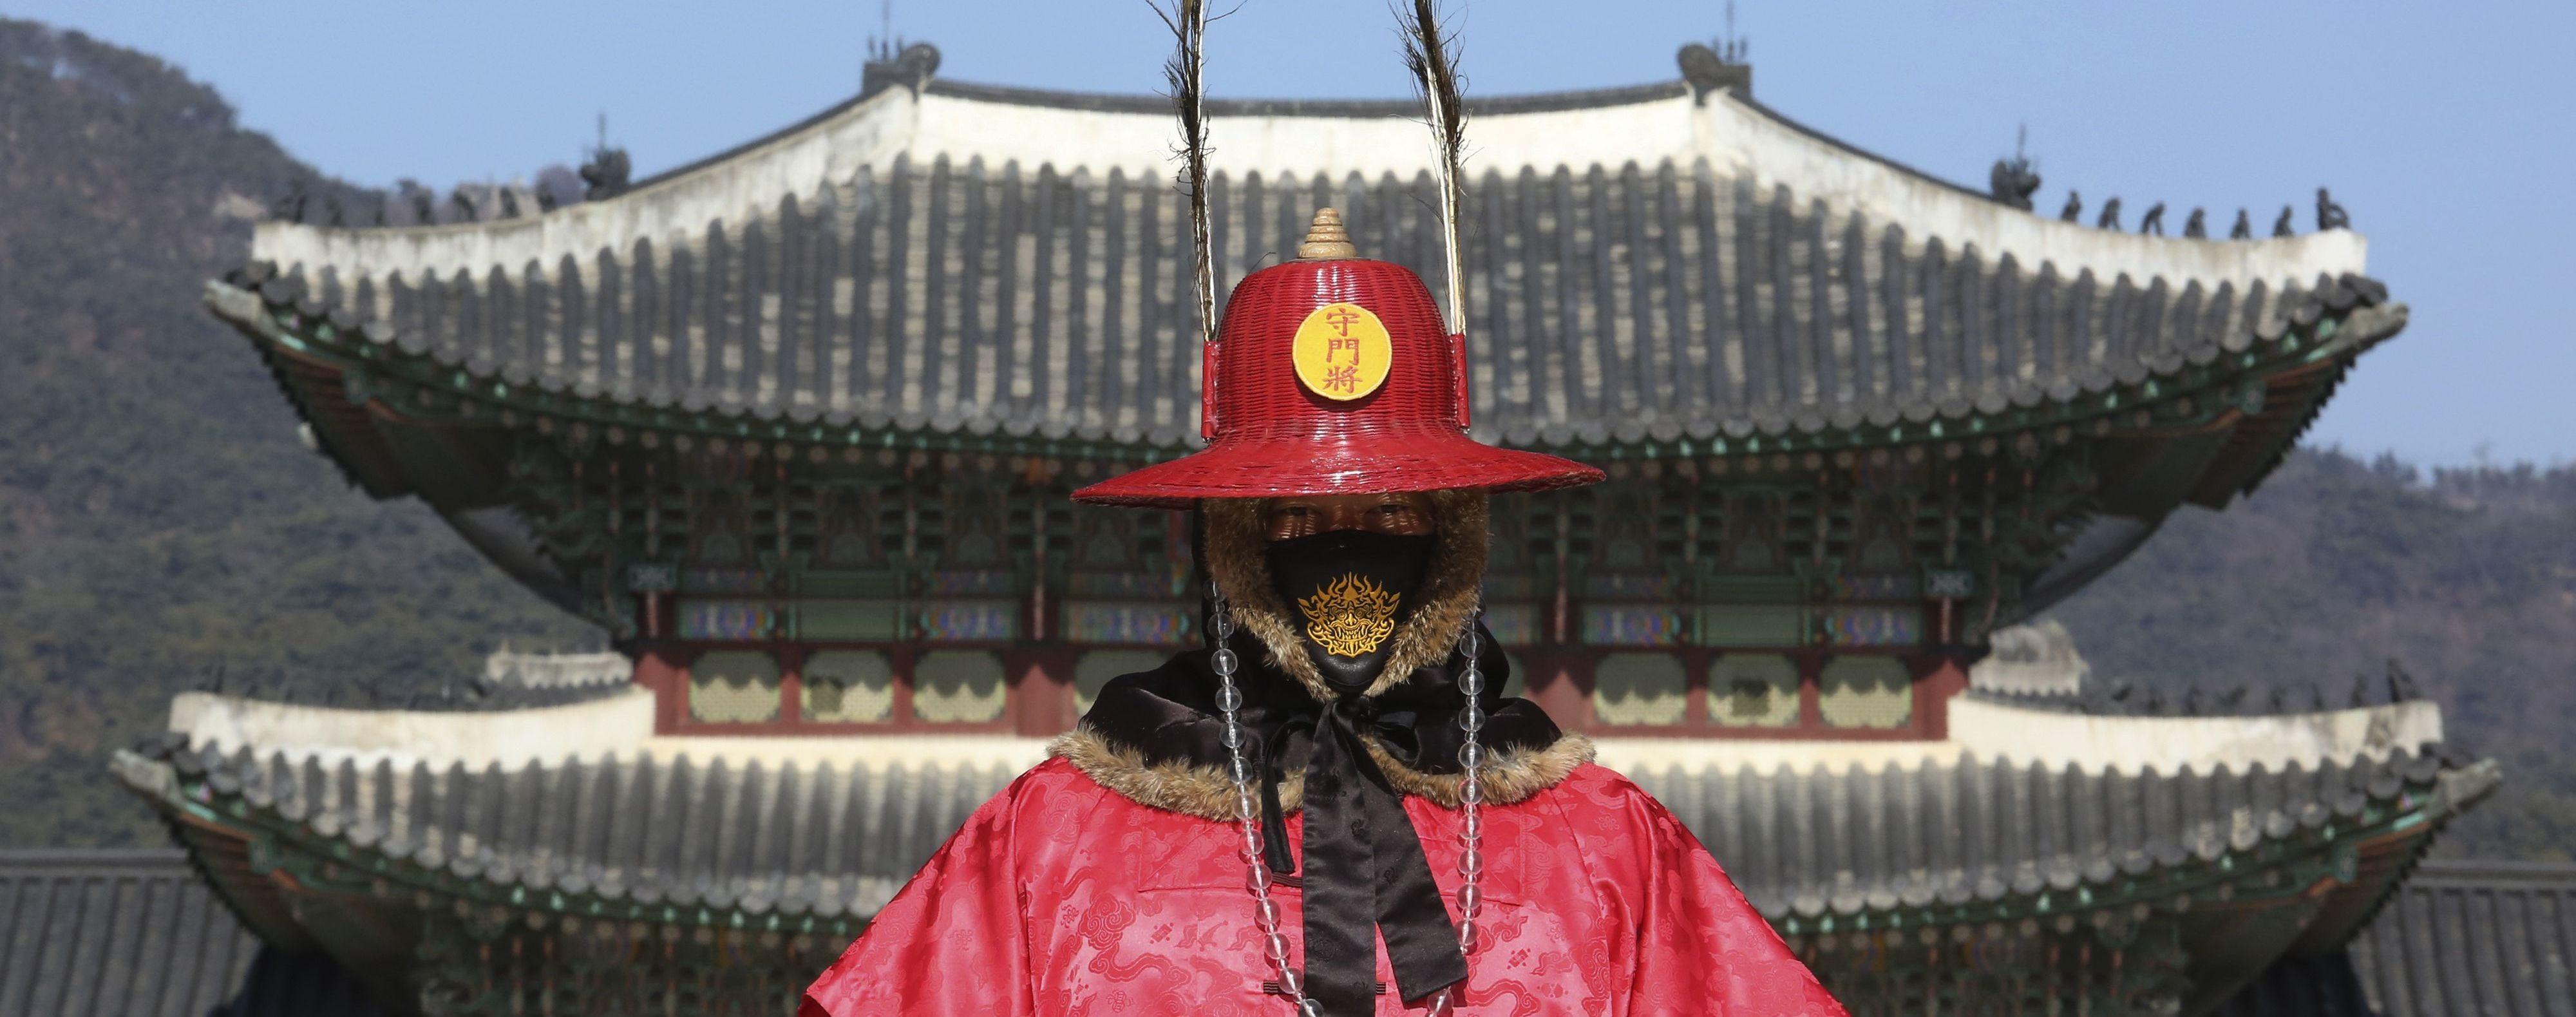 Понад 85 тисяч випадків: у Китаї розповіли про ситуацію з коронавірусом